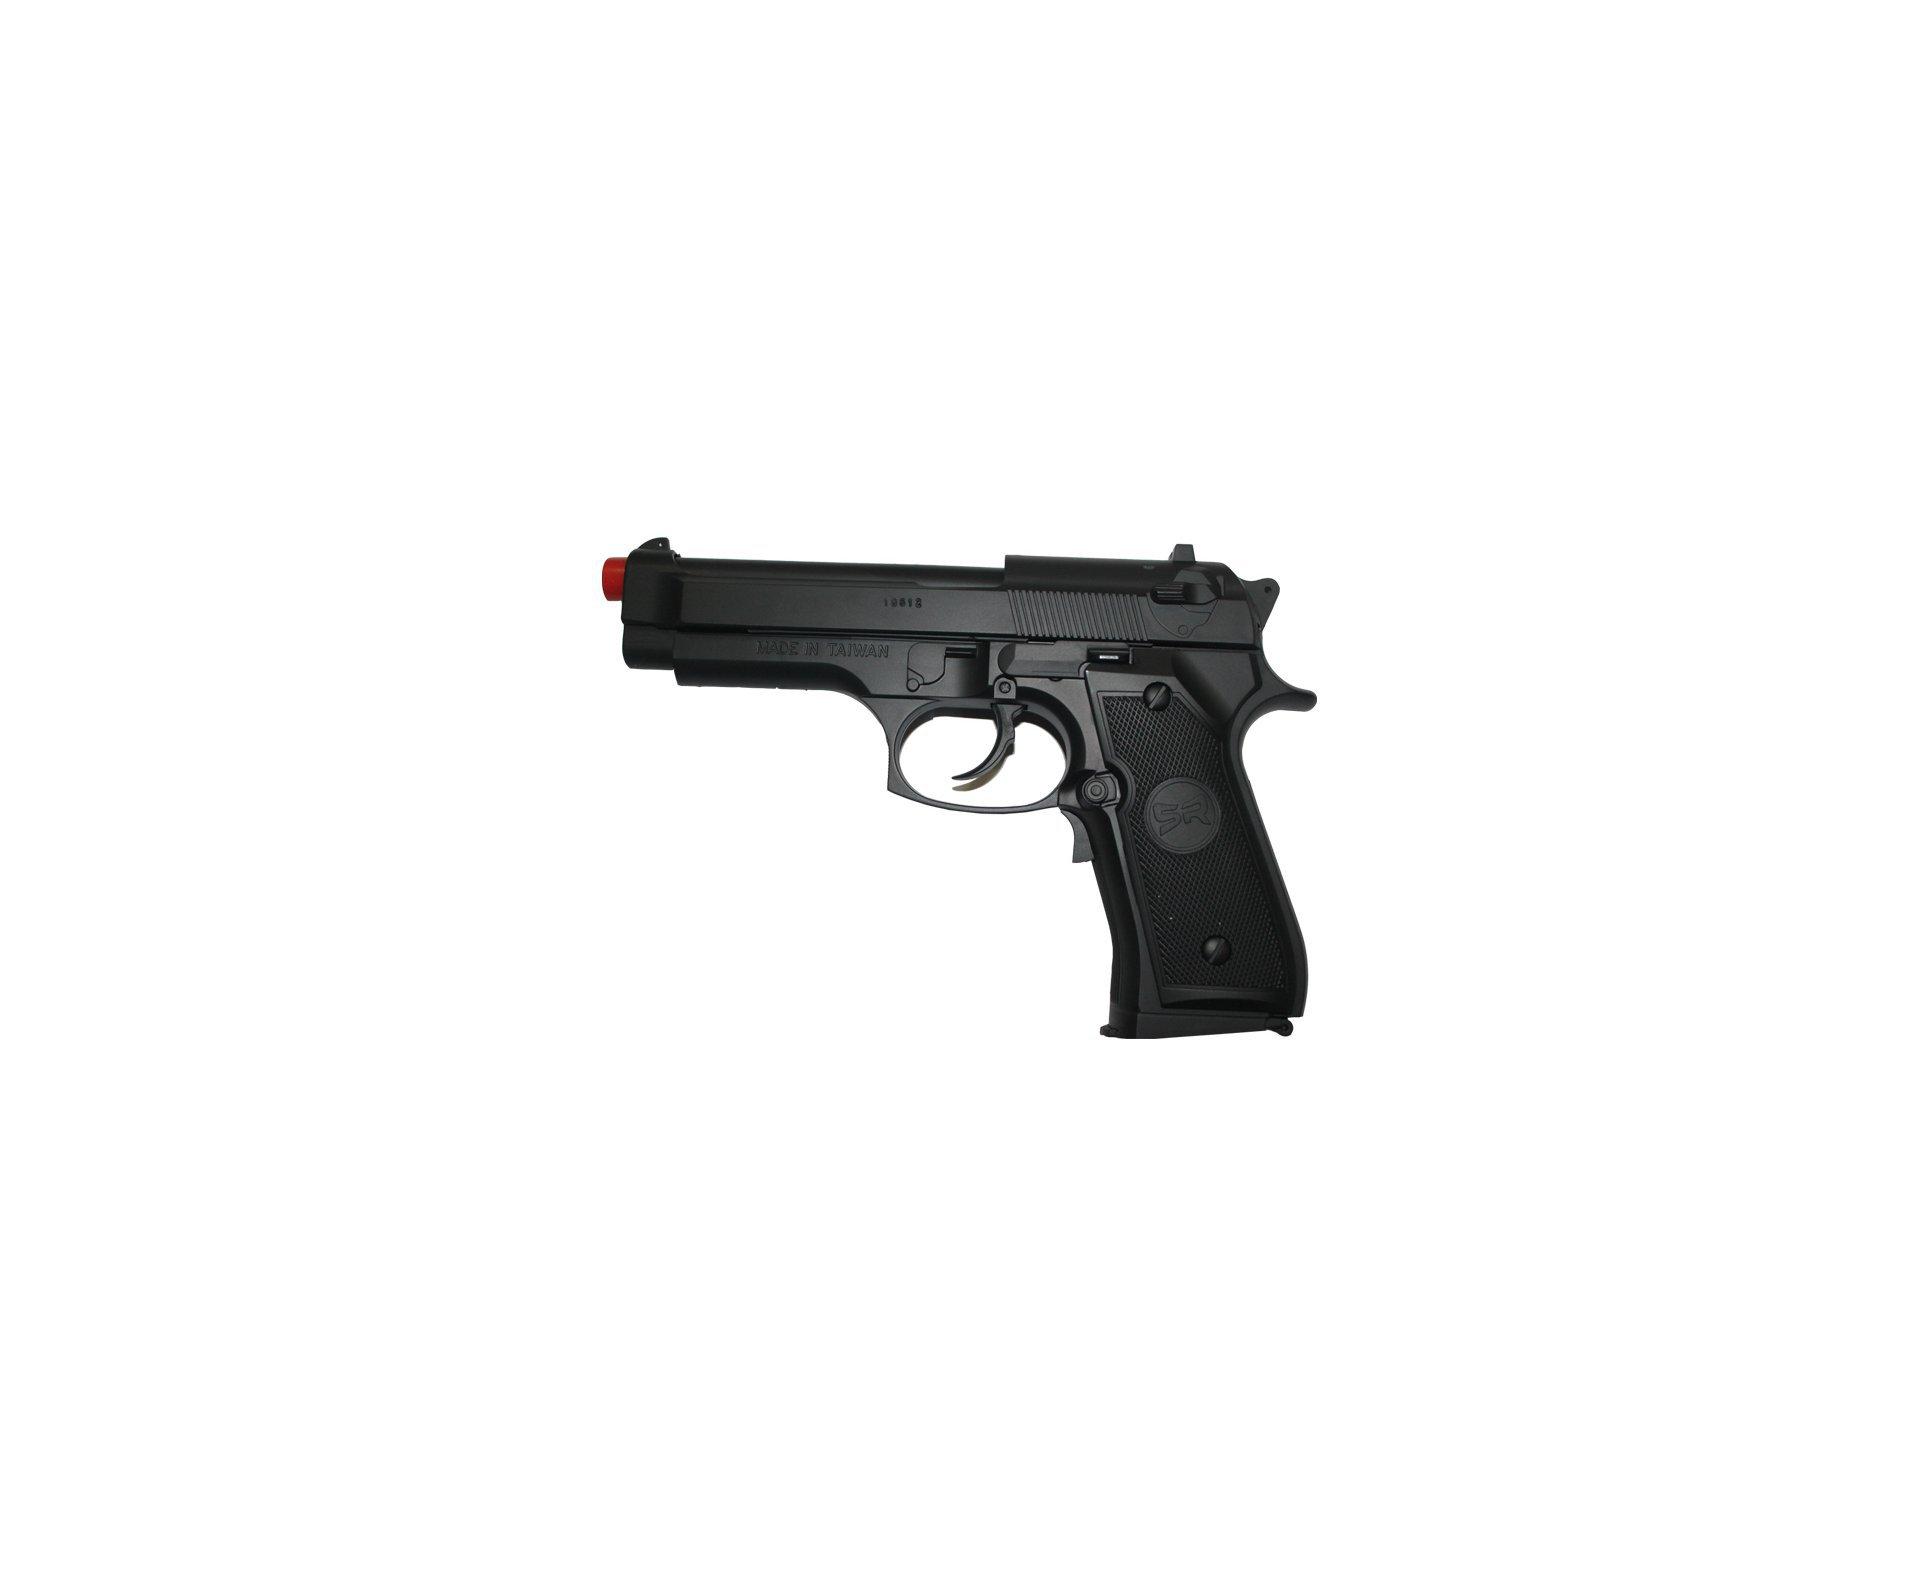 Pistola De Airsoft Pt92  Blow Back- Calibre 6,0 Mm - Src Gn 0401